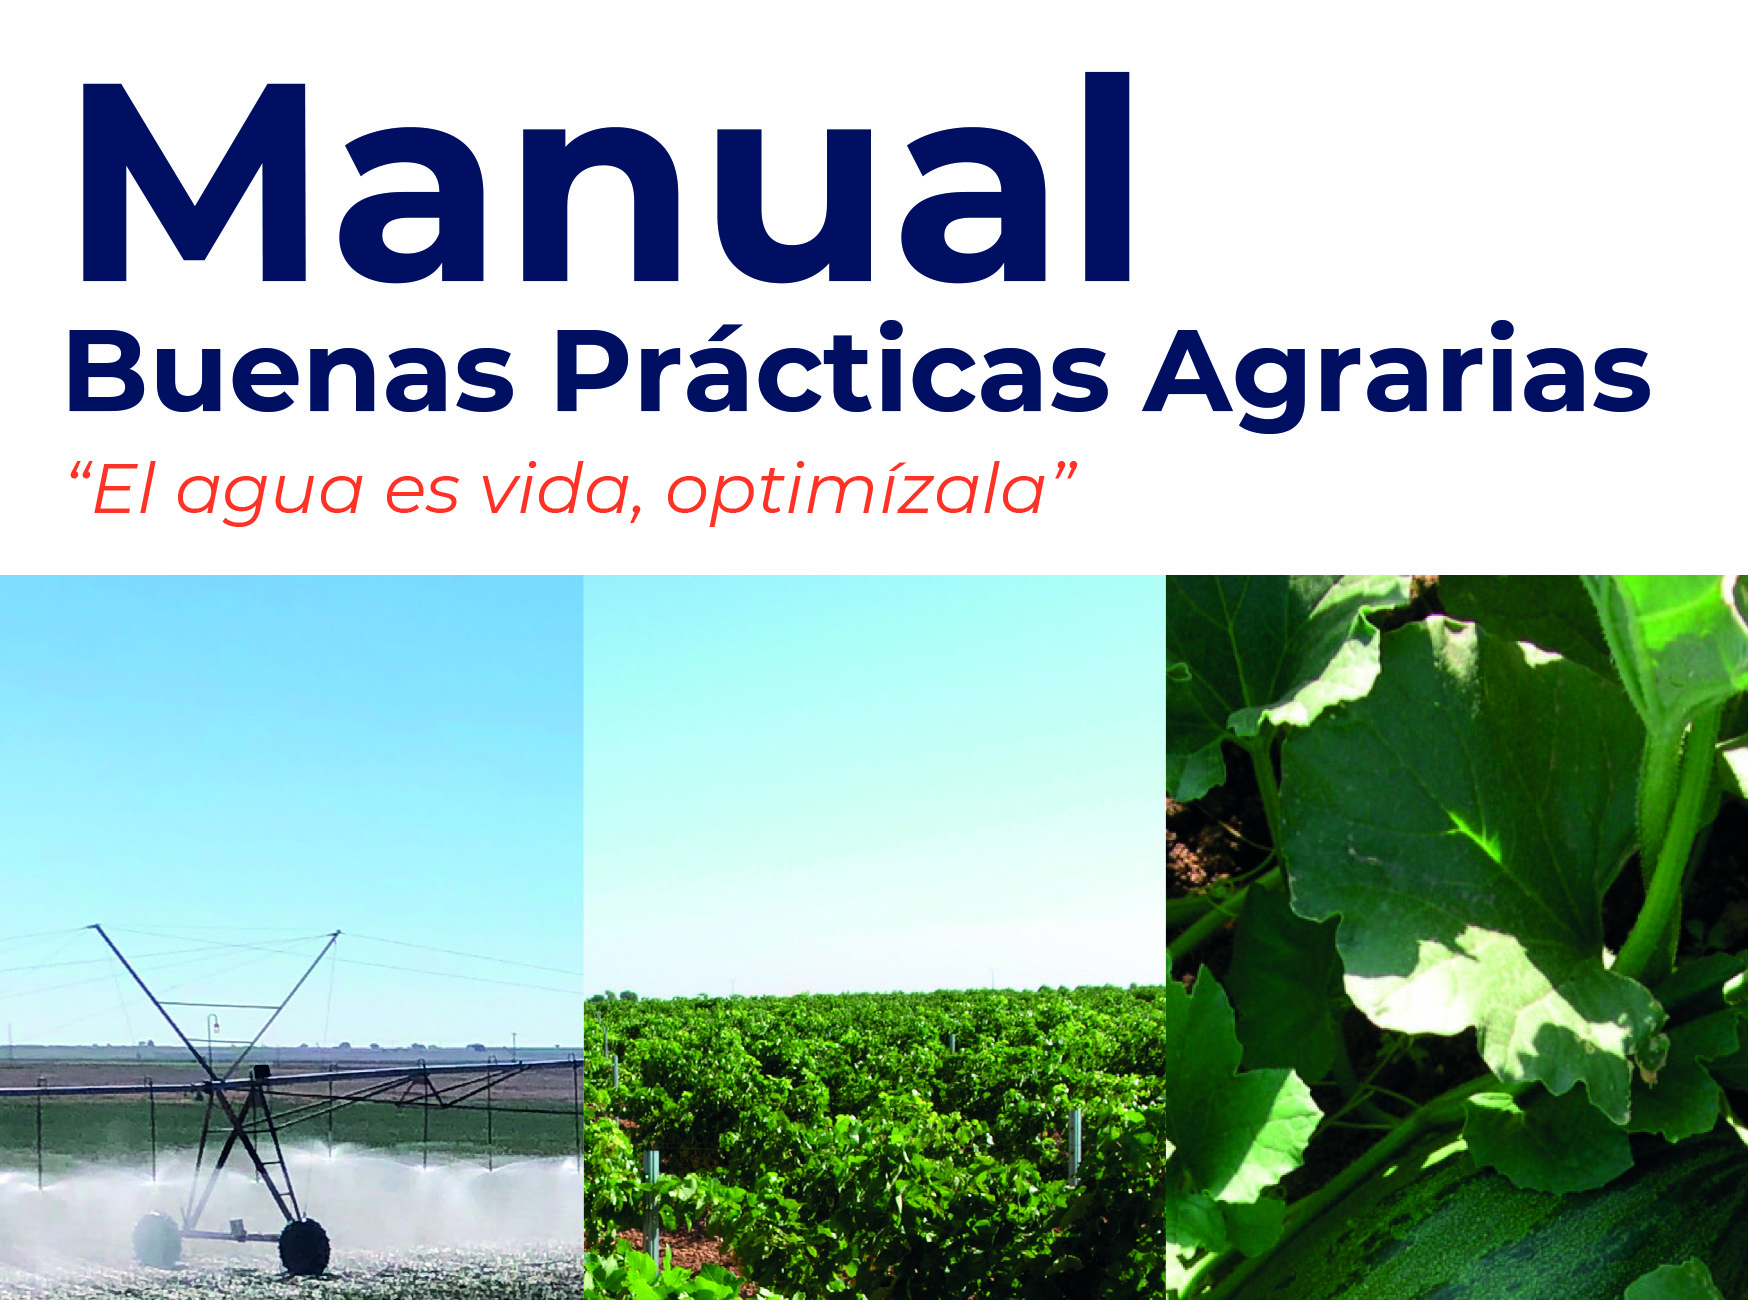 Manual Buenas Prácticas Agrarias